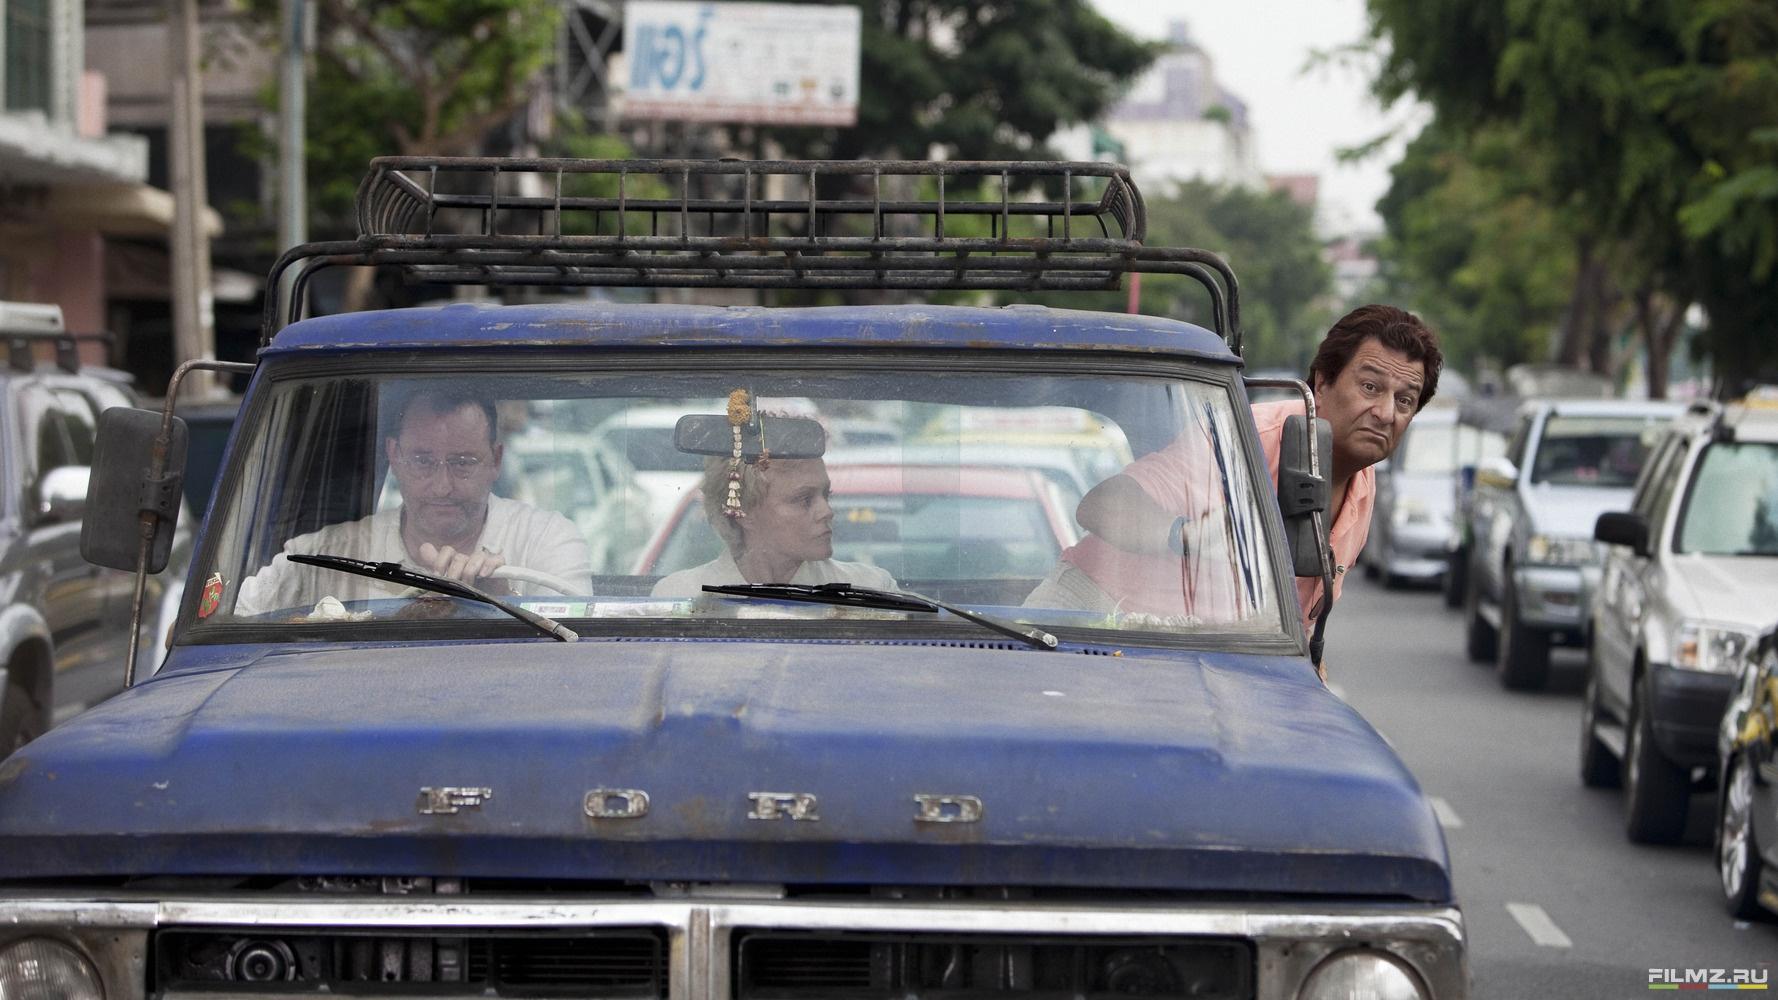 кадры из фильма Папаши без вредных привычек Кристиан Клавье, Мюрьель Роба, Жан Рено,